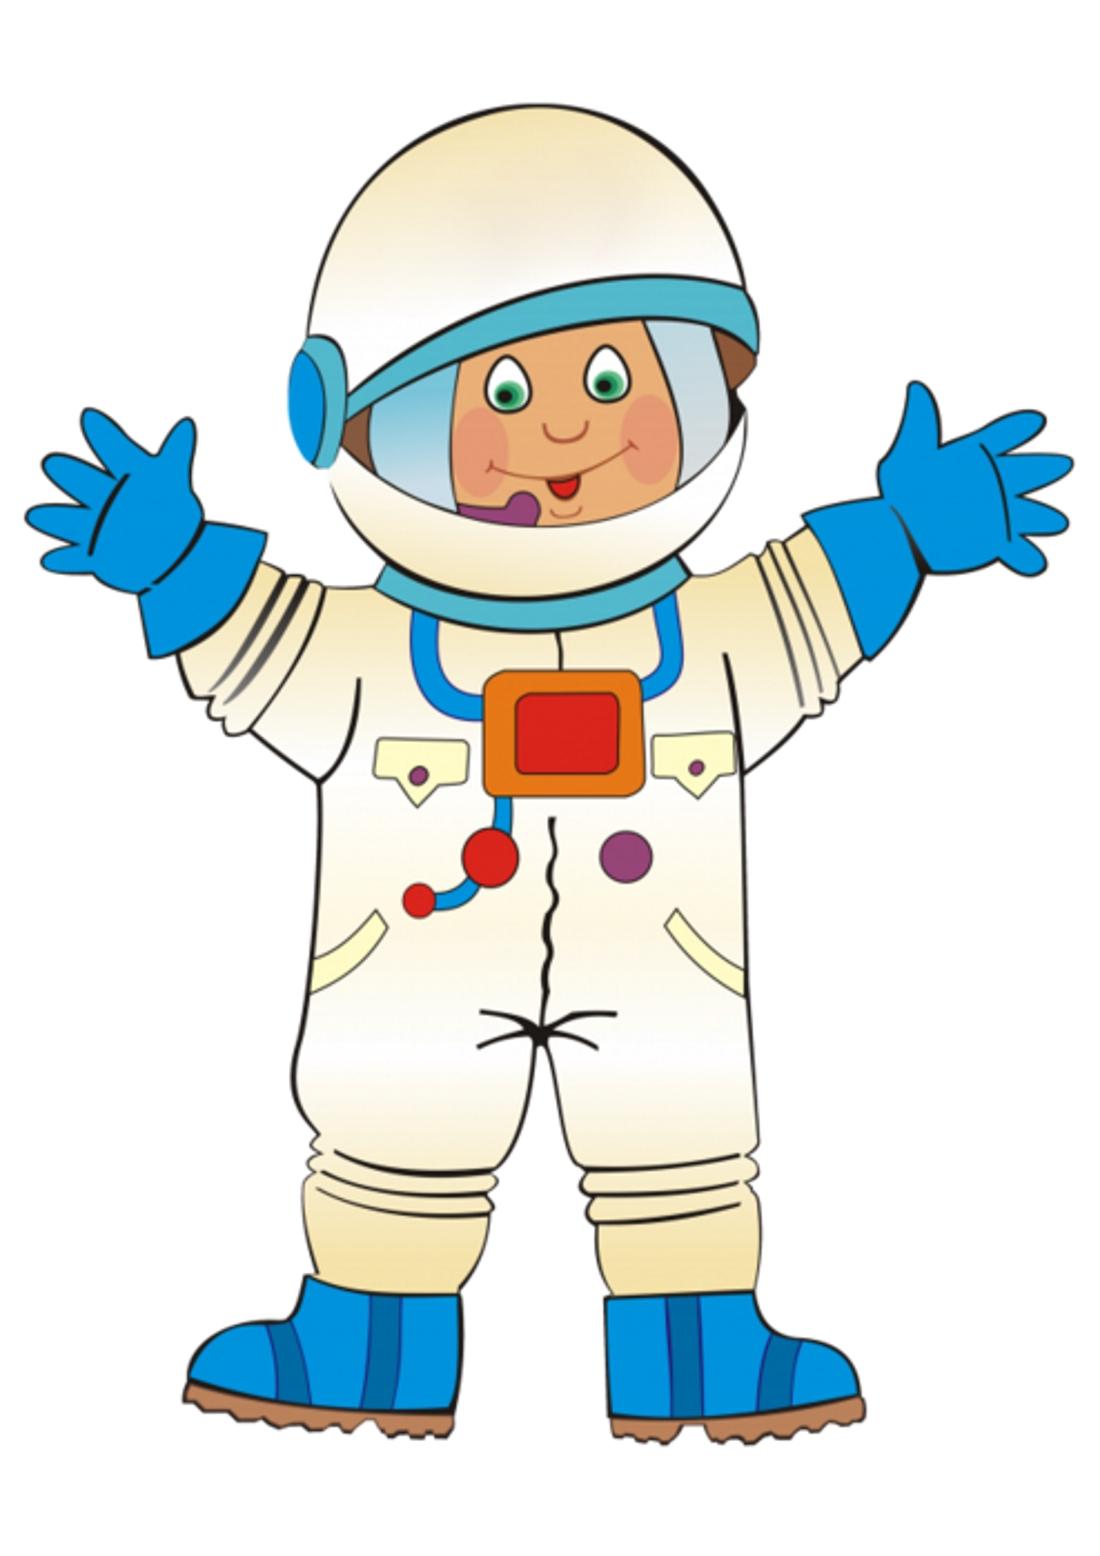 Картинка с космонавтом для детей